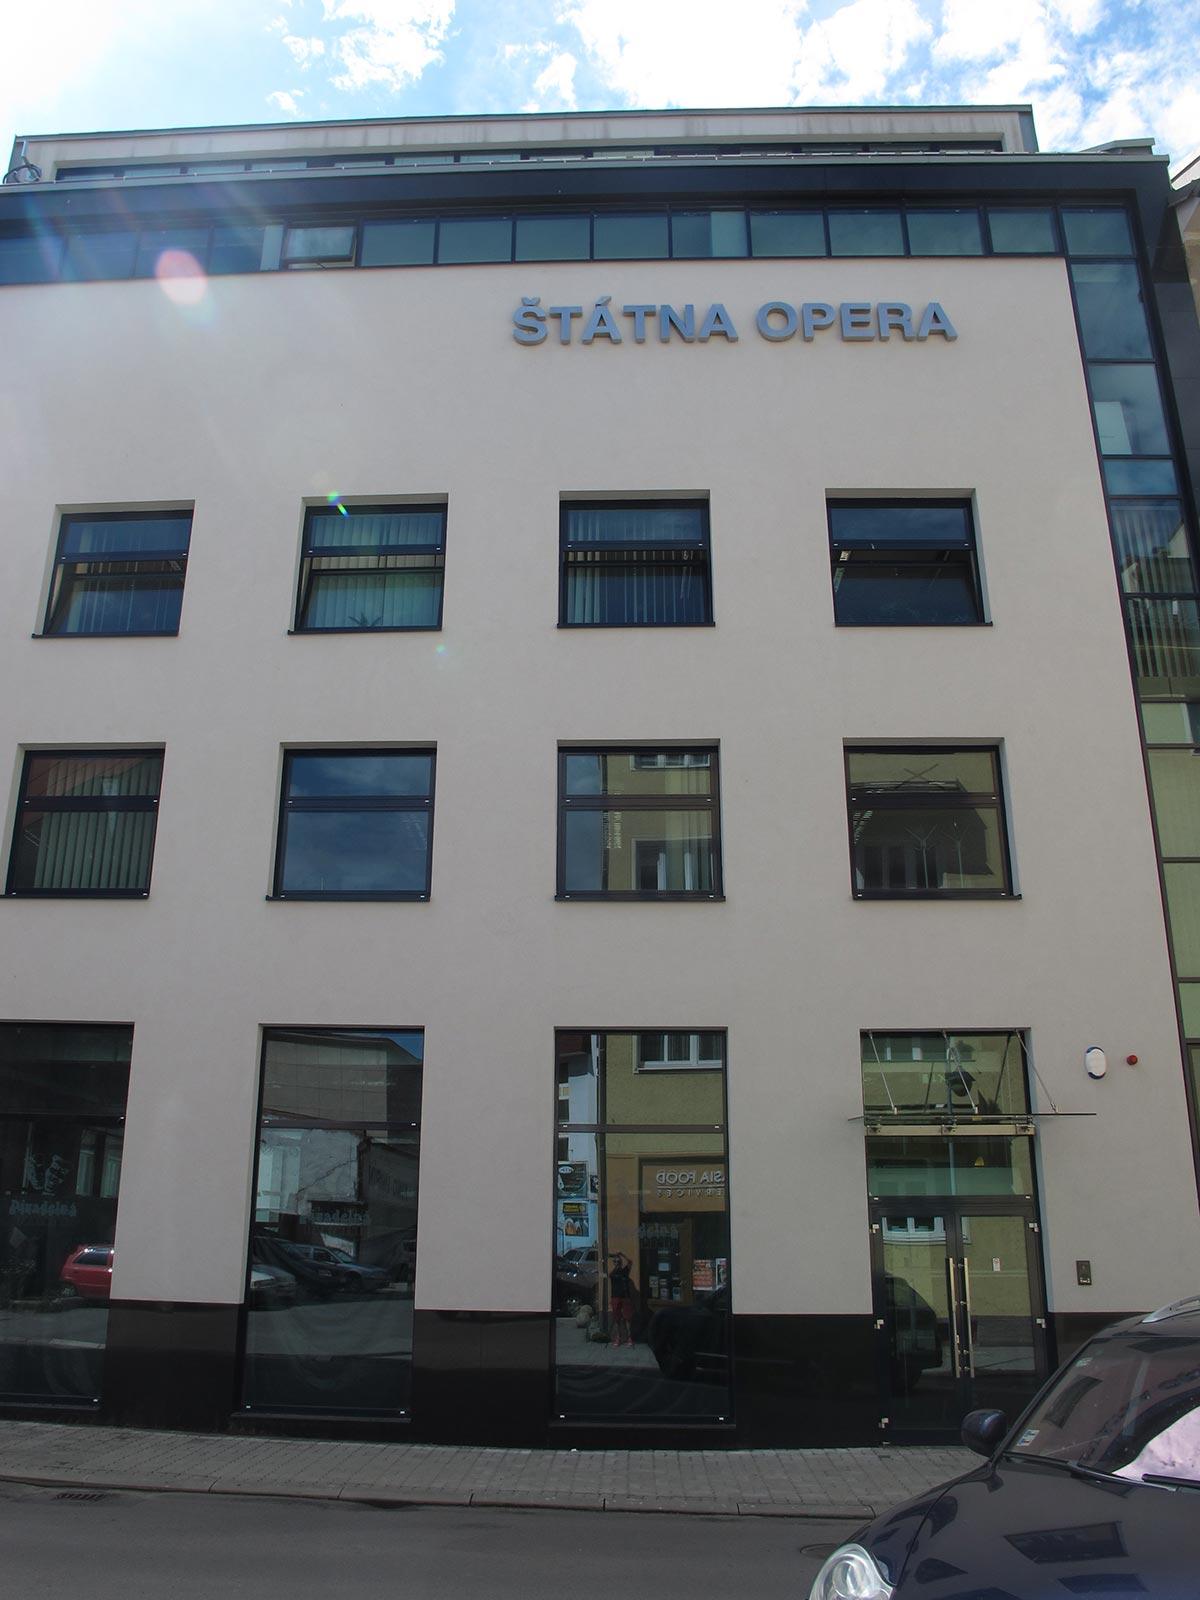 statna-opera-budova.jpg